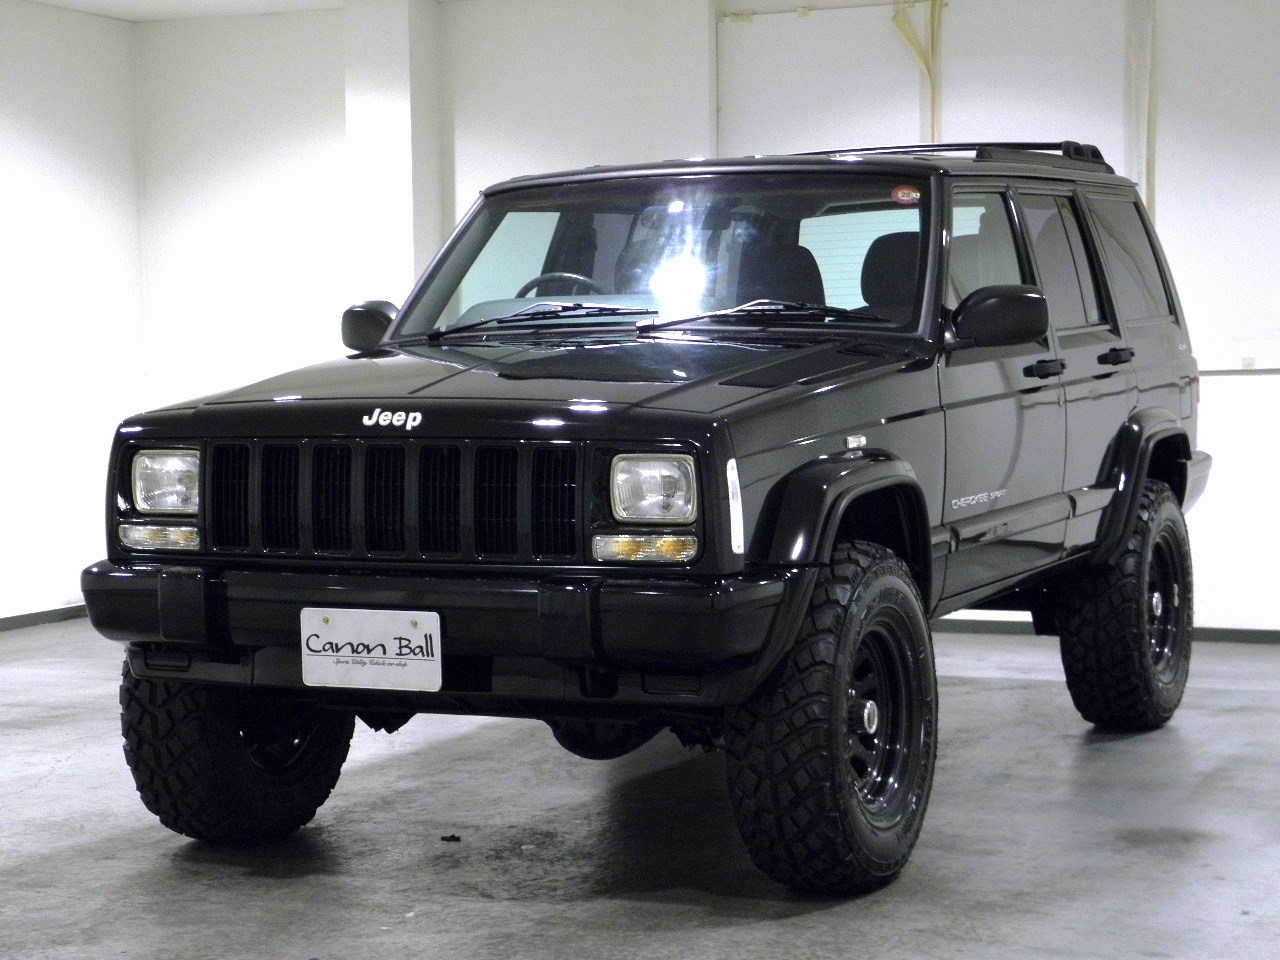 LTD-ブラックホイール&ボディリフトUP 黒本革シート&ウッドインテリア HDDナビ一体機 【XJ型Jeep最終モデル】 (画像別)のイメージ画像です